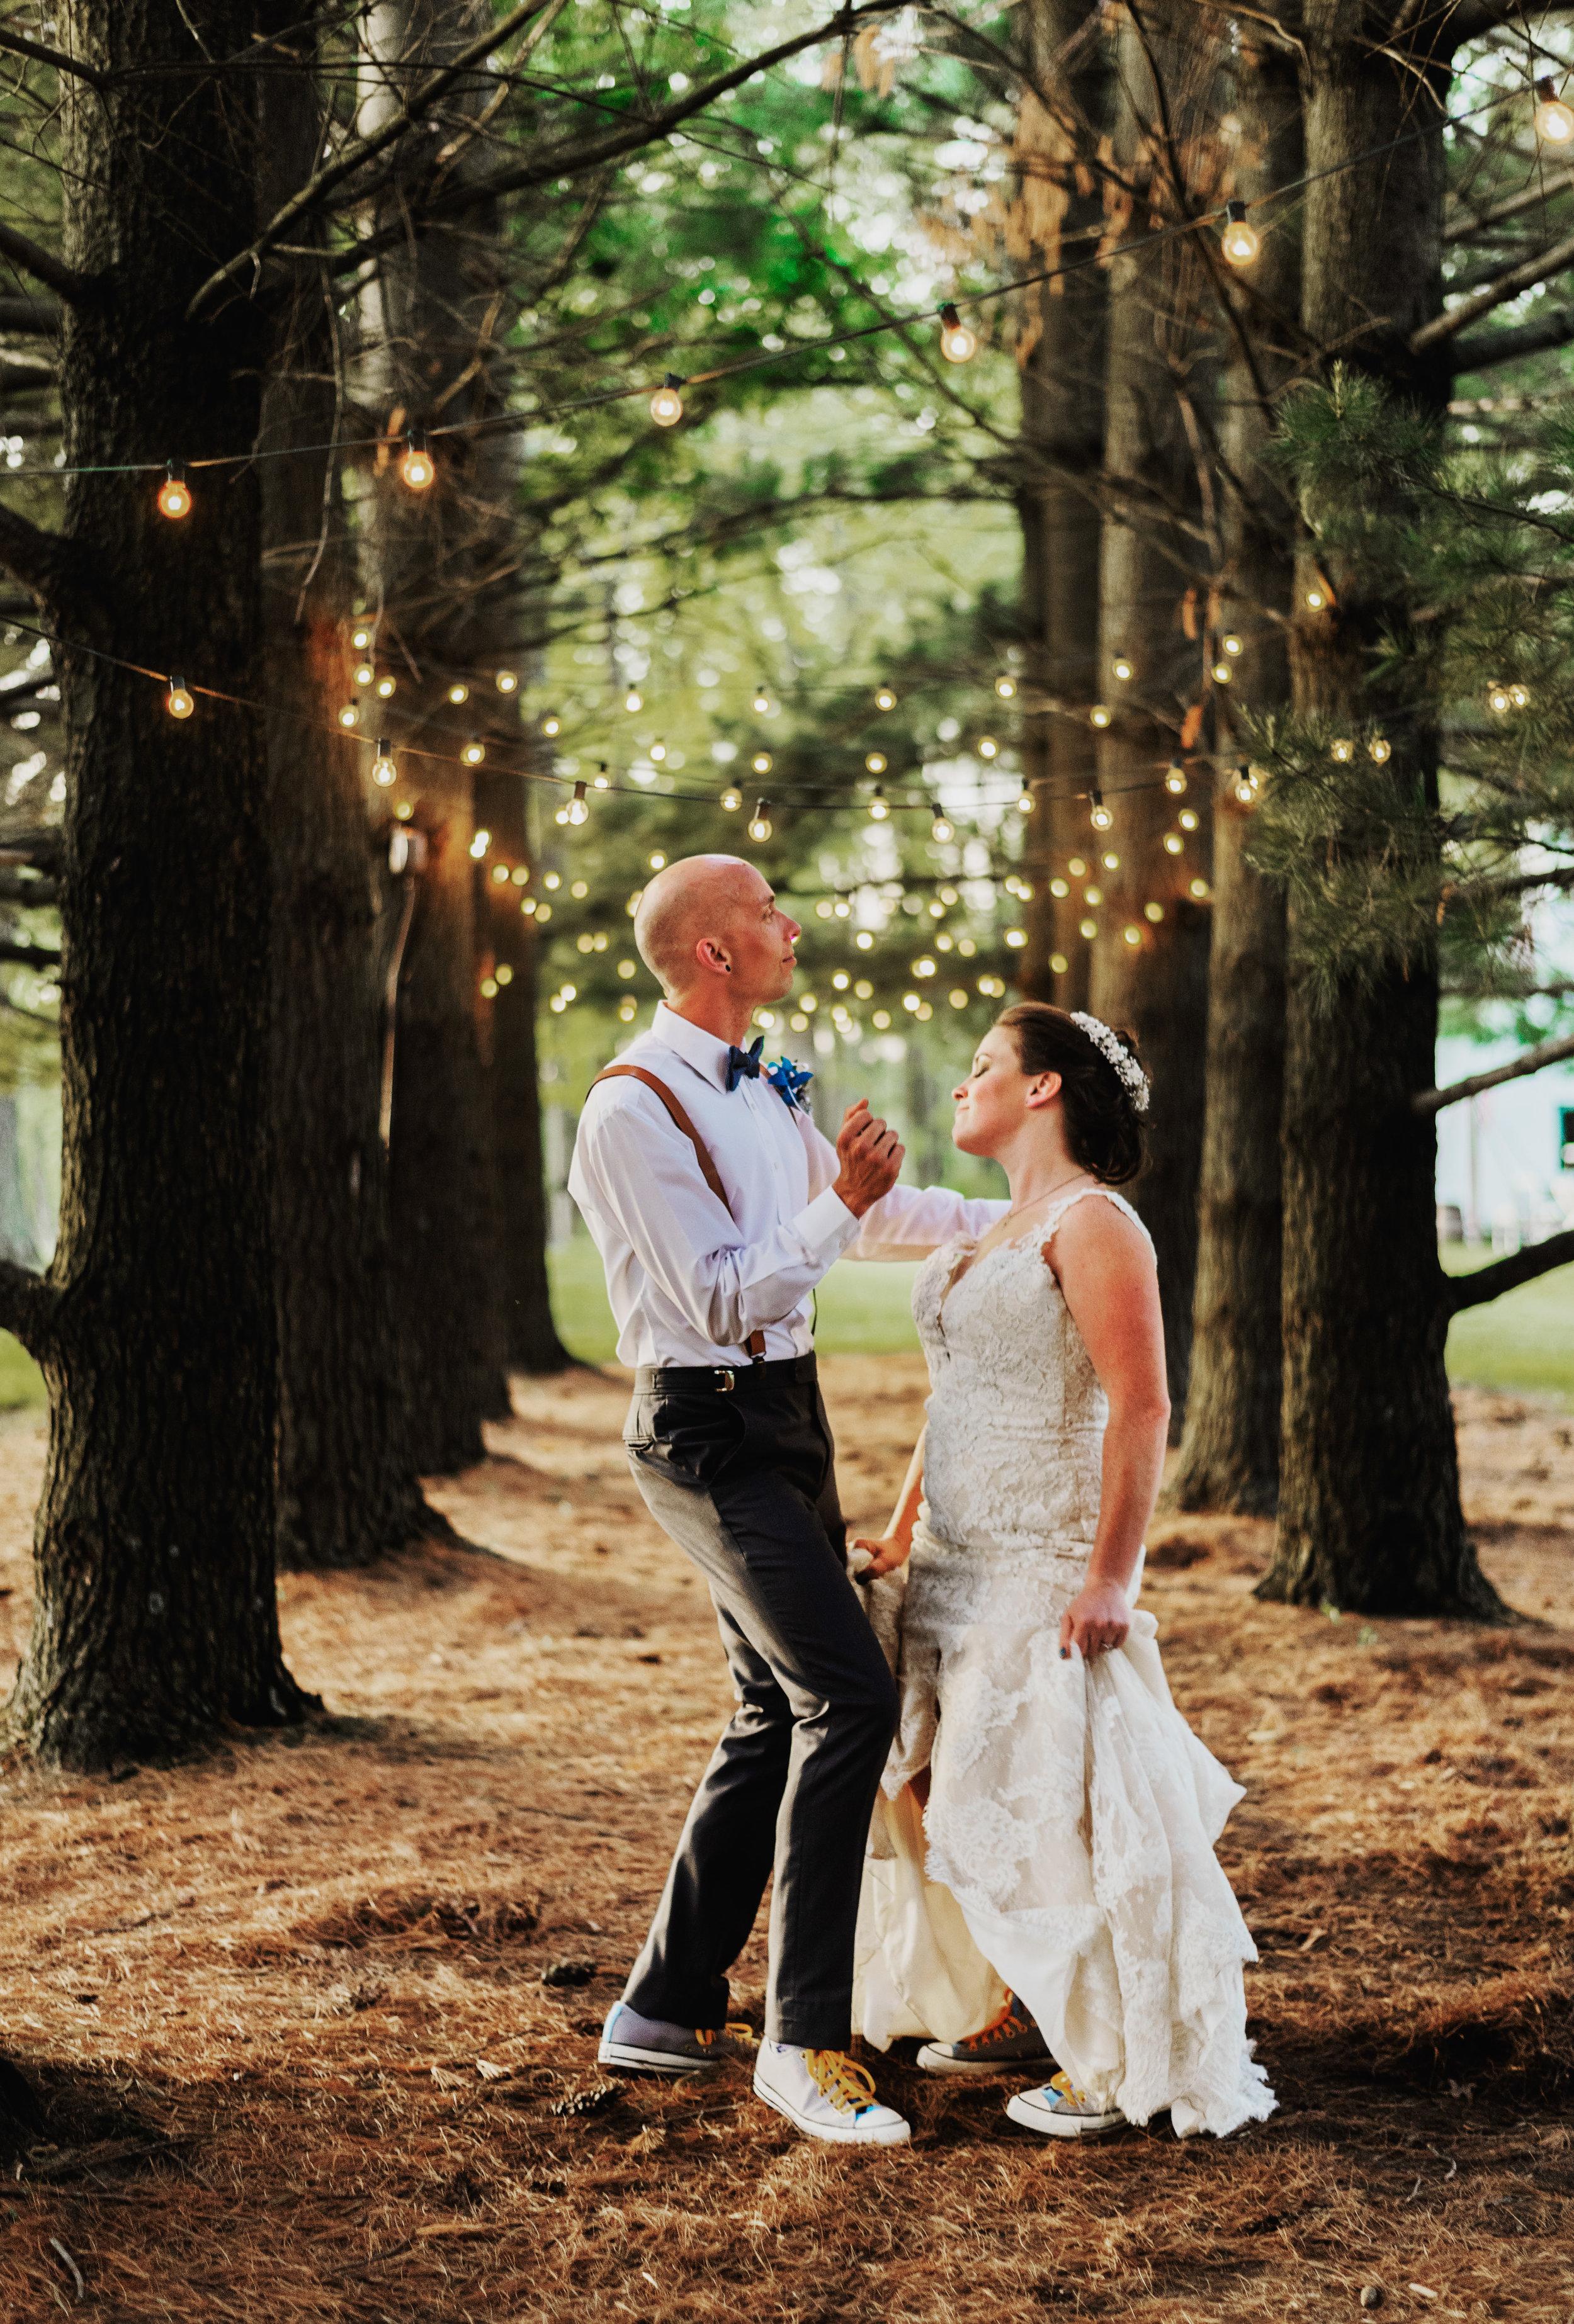 Bowden-Pavlocik-Galena-OakHillFarm-Wedding_0186.jpg